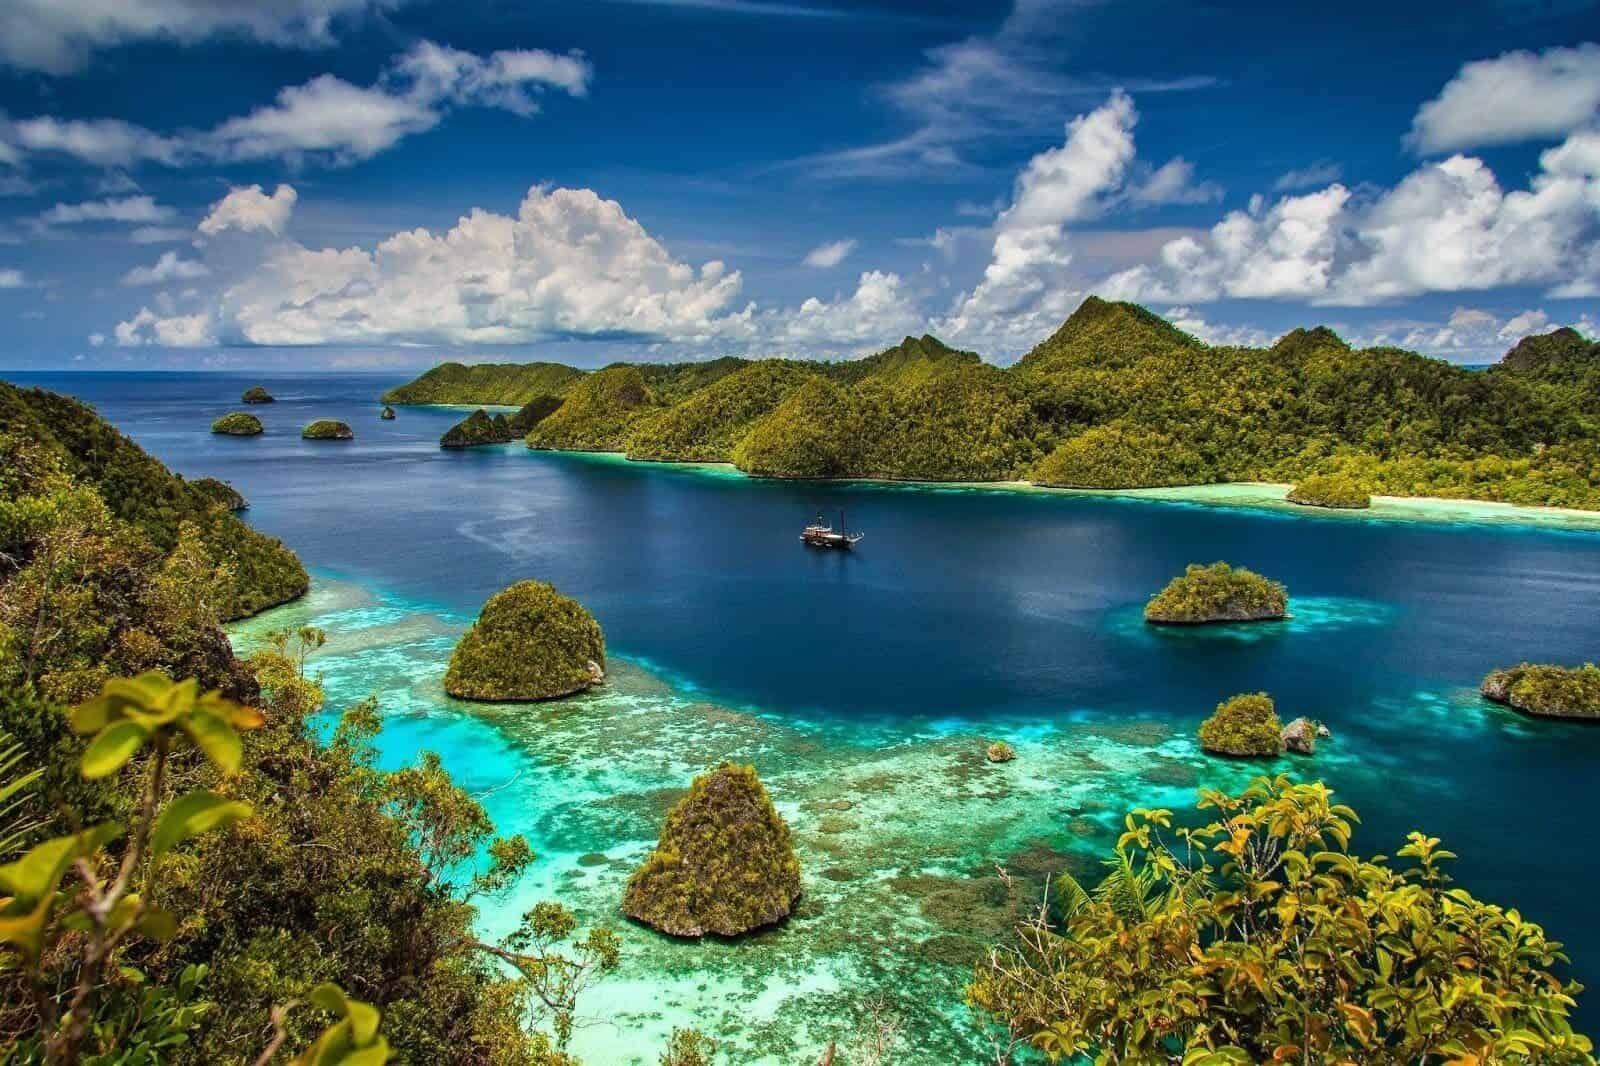 Gaet Pengunjung, Pemerintah Terapkan Protokol Kesehatan Di Destinasi Wisata Berbasis Alam